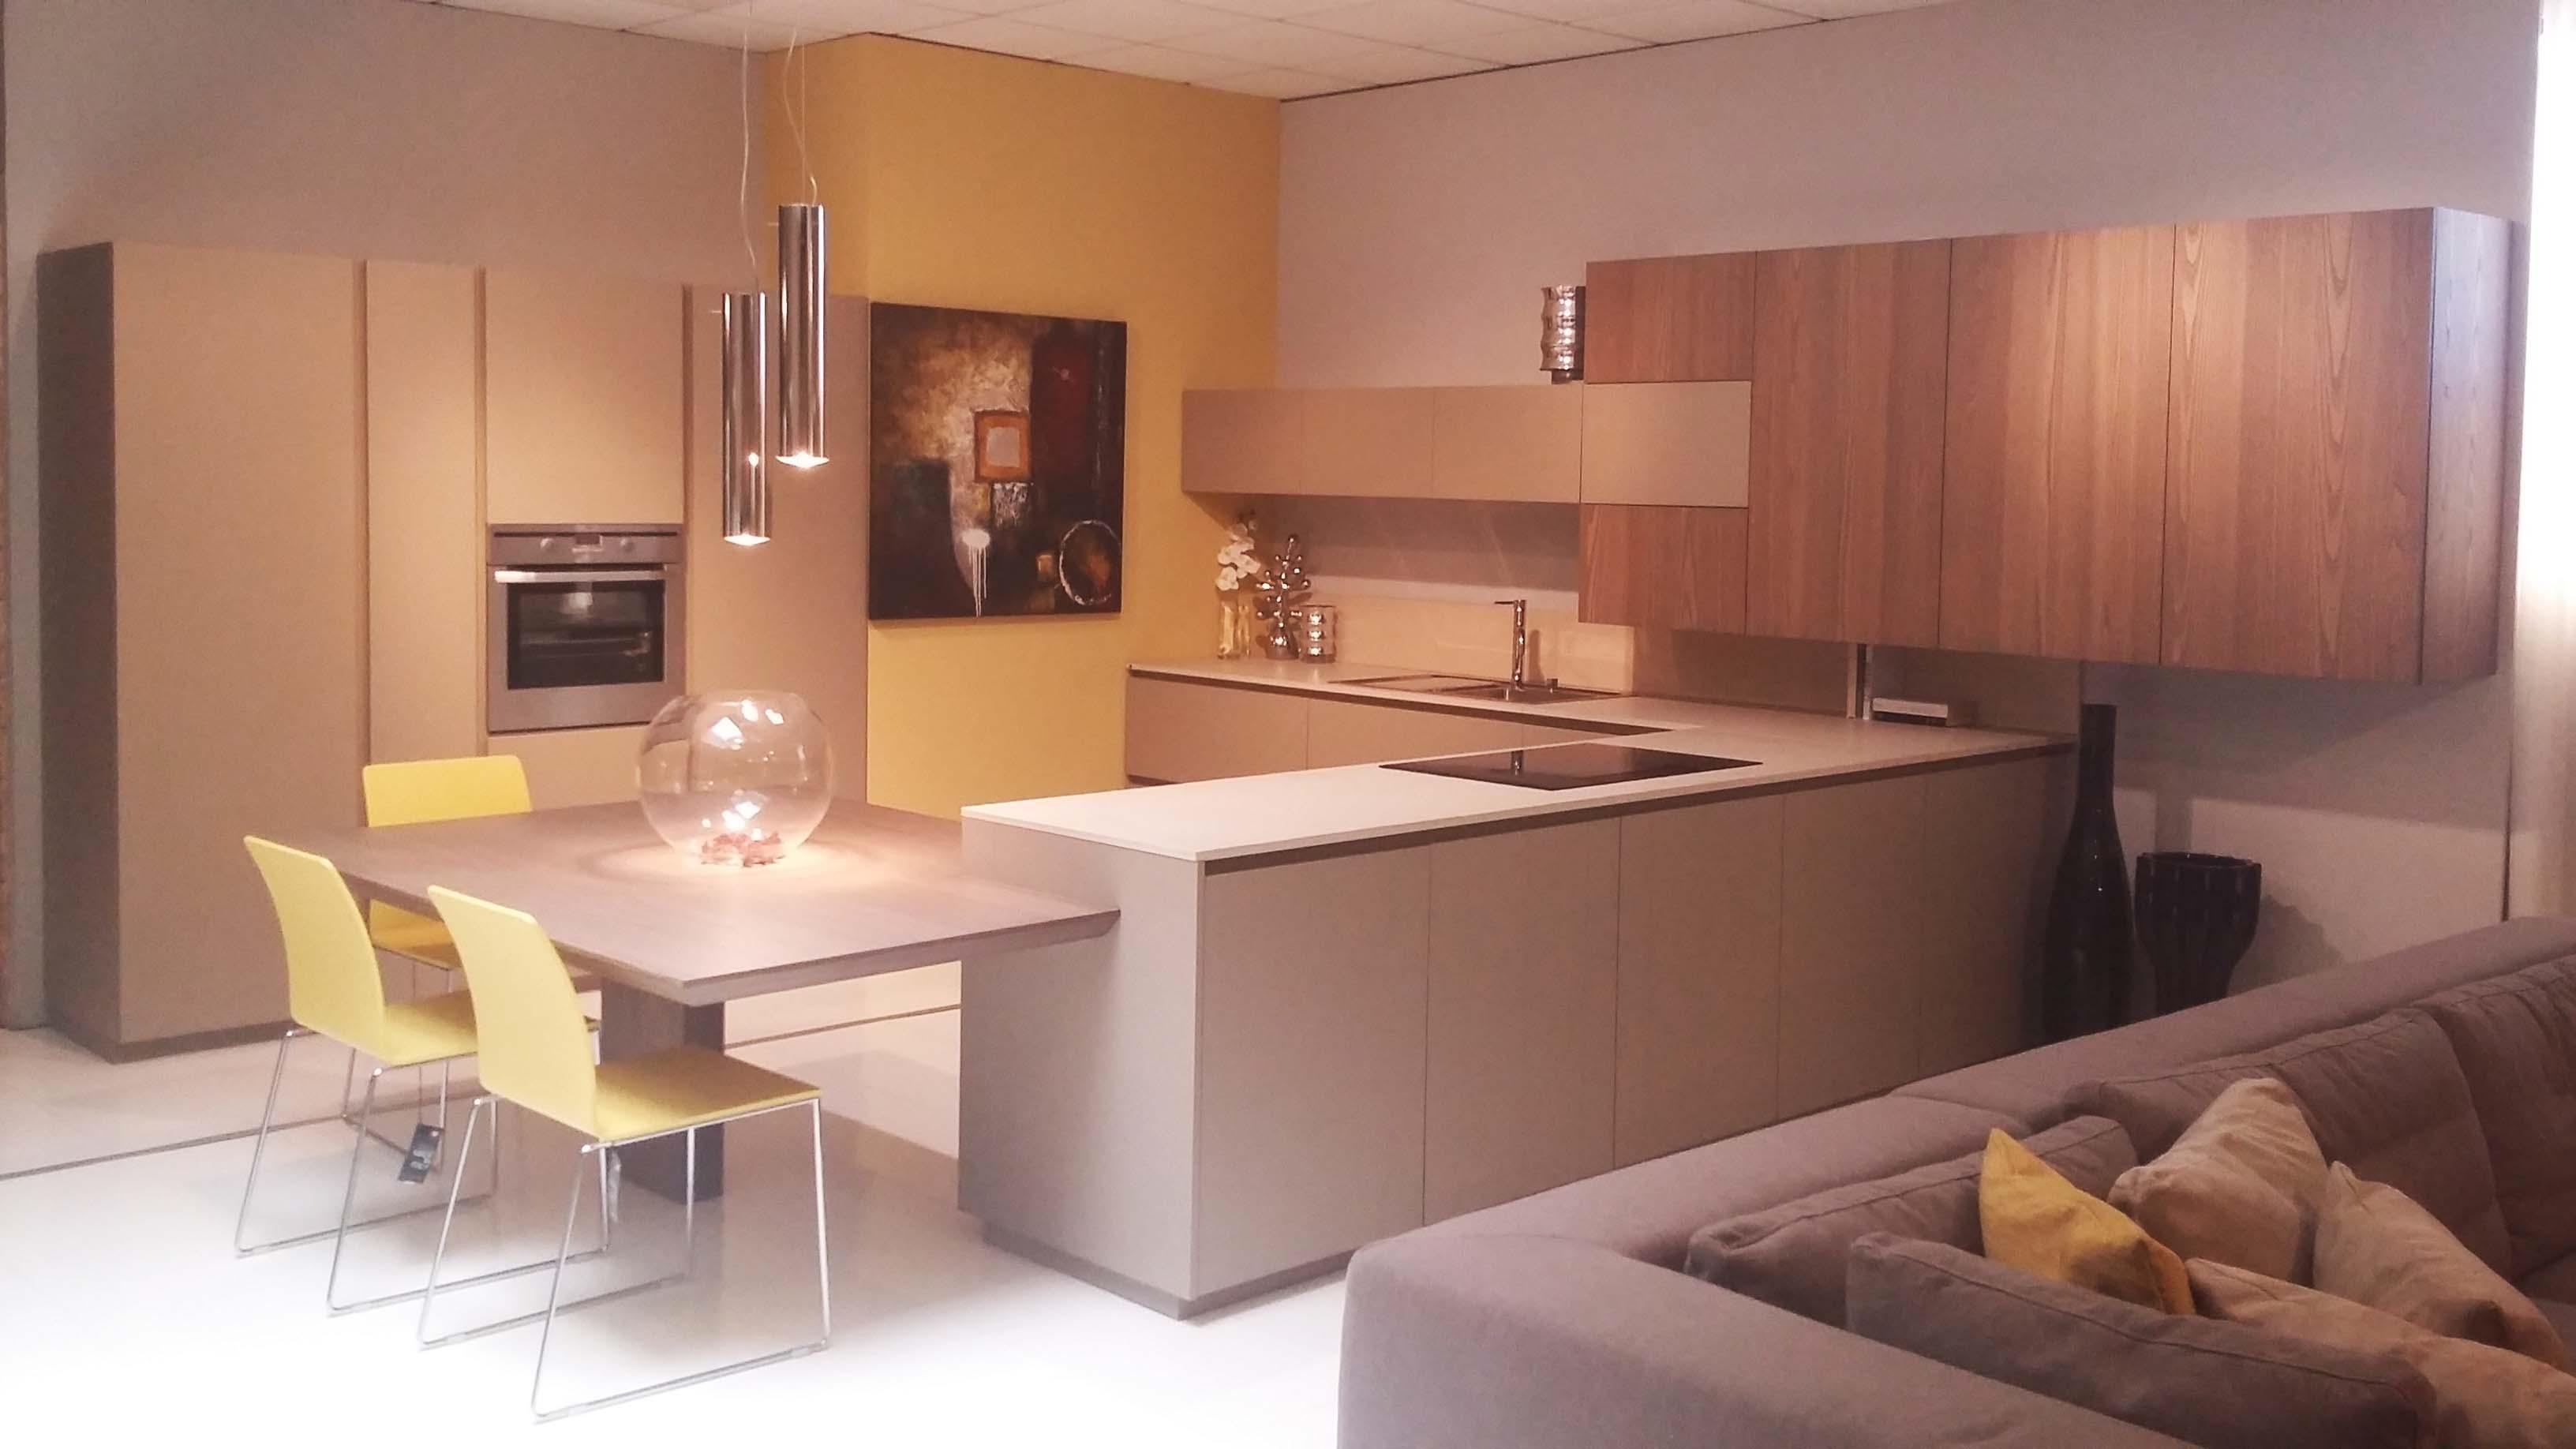 Cucine design outlet idea creativa della casa e dell for Cucine design outlet